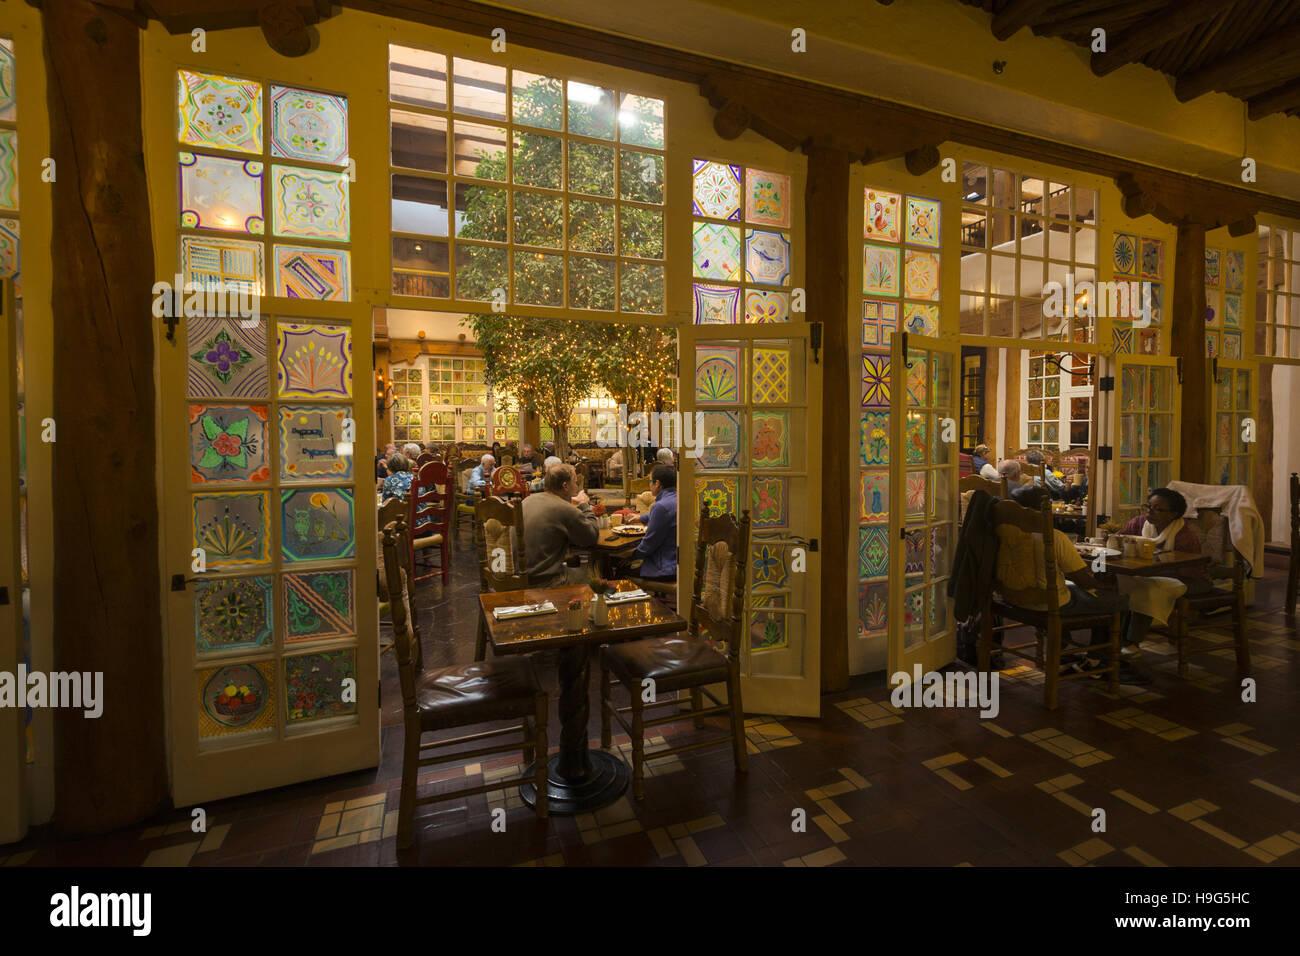 New Mexico, Santa Fe, Loretto Hotel, dining room - Stock Image